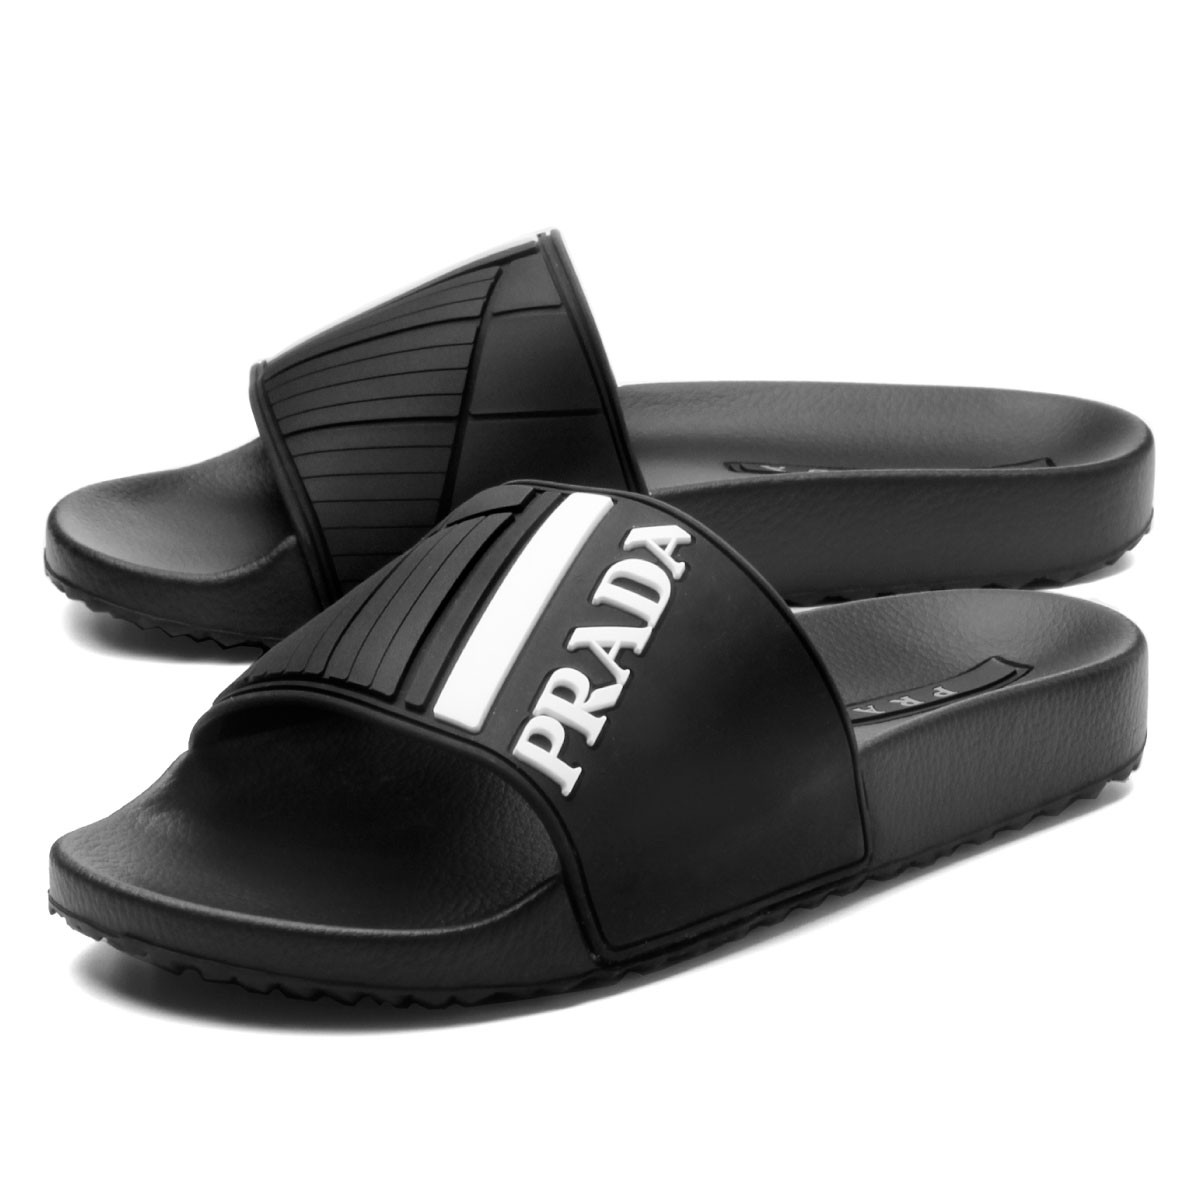 4fe7436727 Prada PRADA shoes men 4X3204 B4O F0IAU sandals NERO+BIANCO 1 black